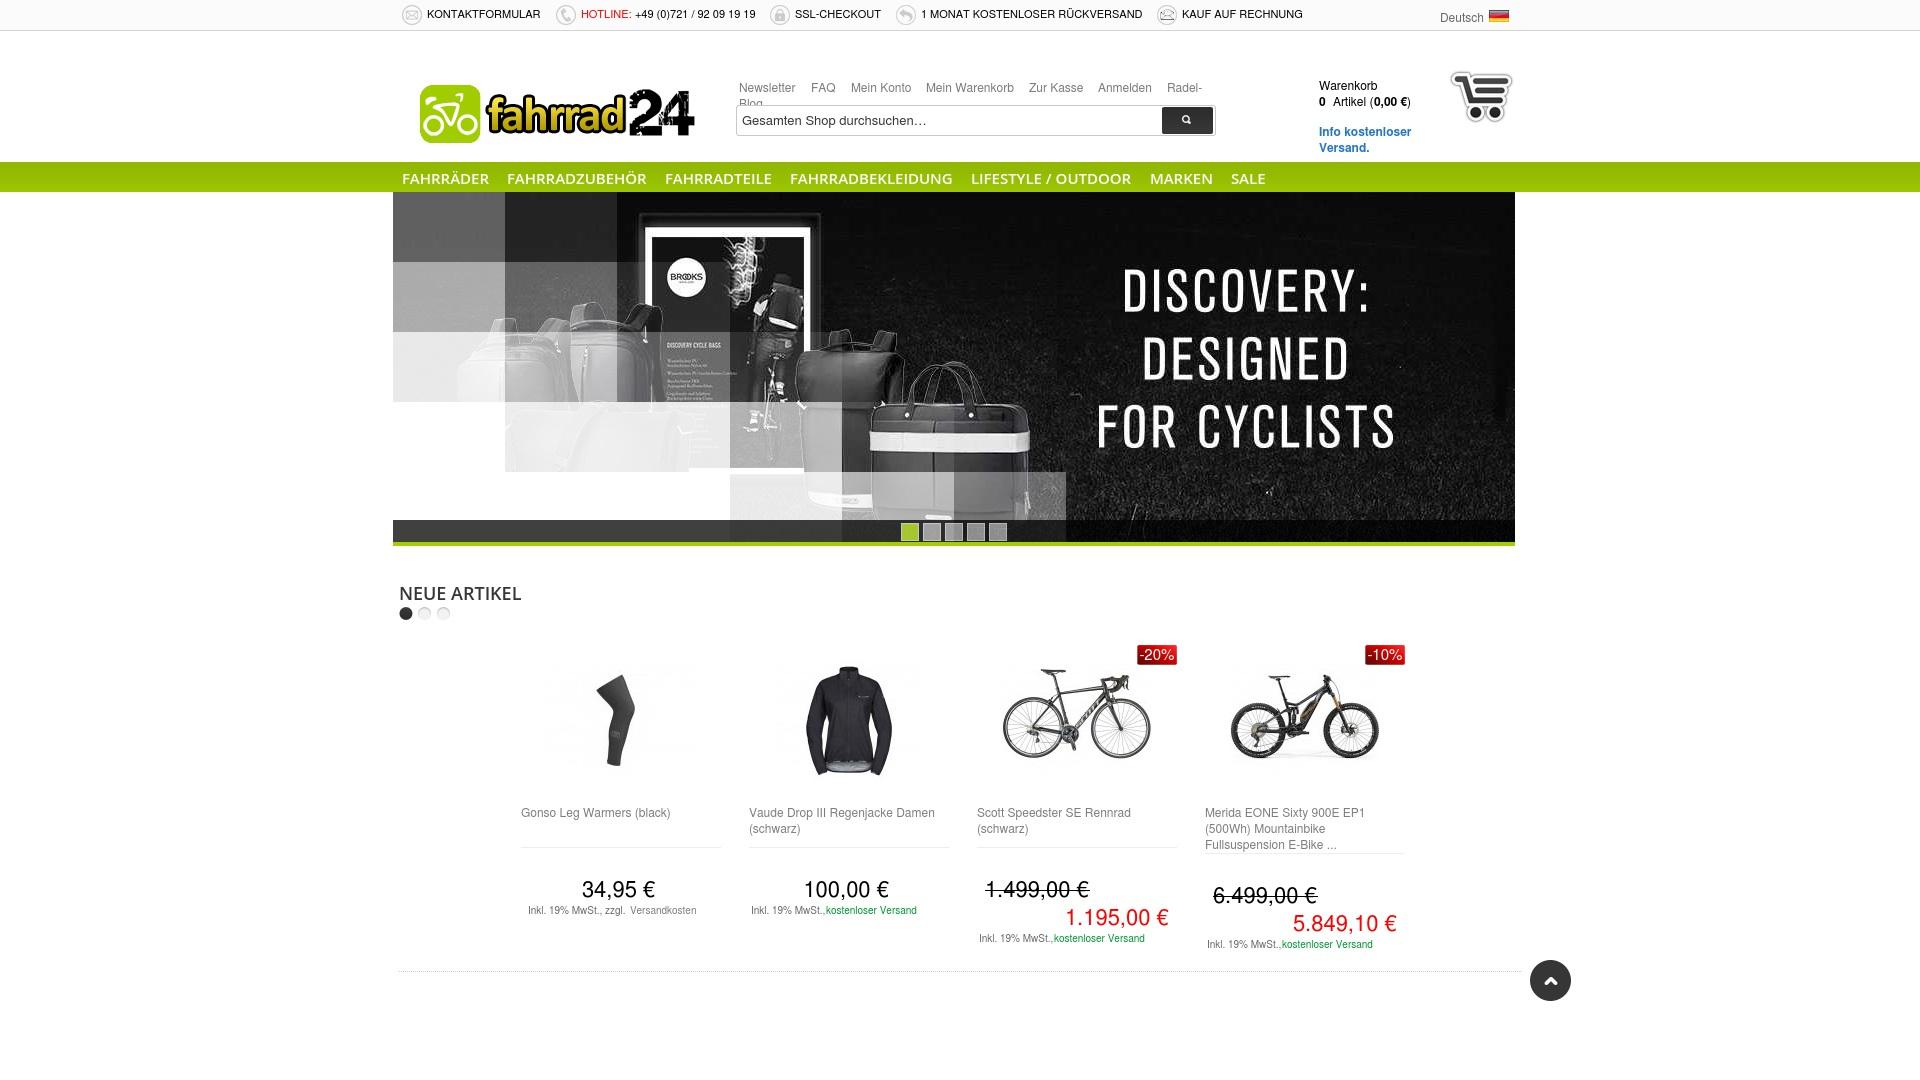 Gutschein für Fahrrad24: Rabatte für  Fahrrad24 sichern